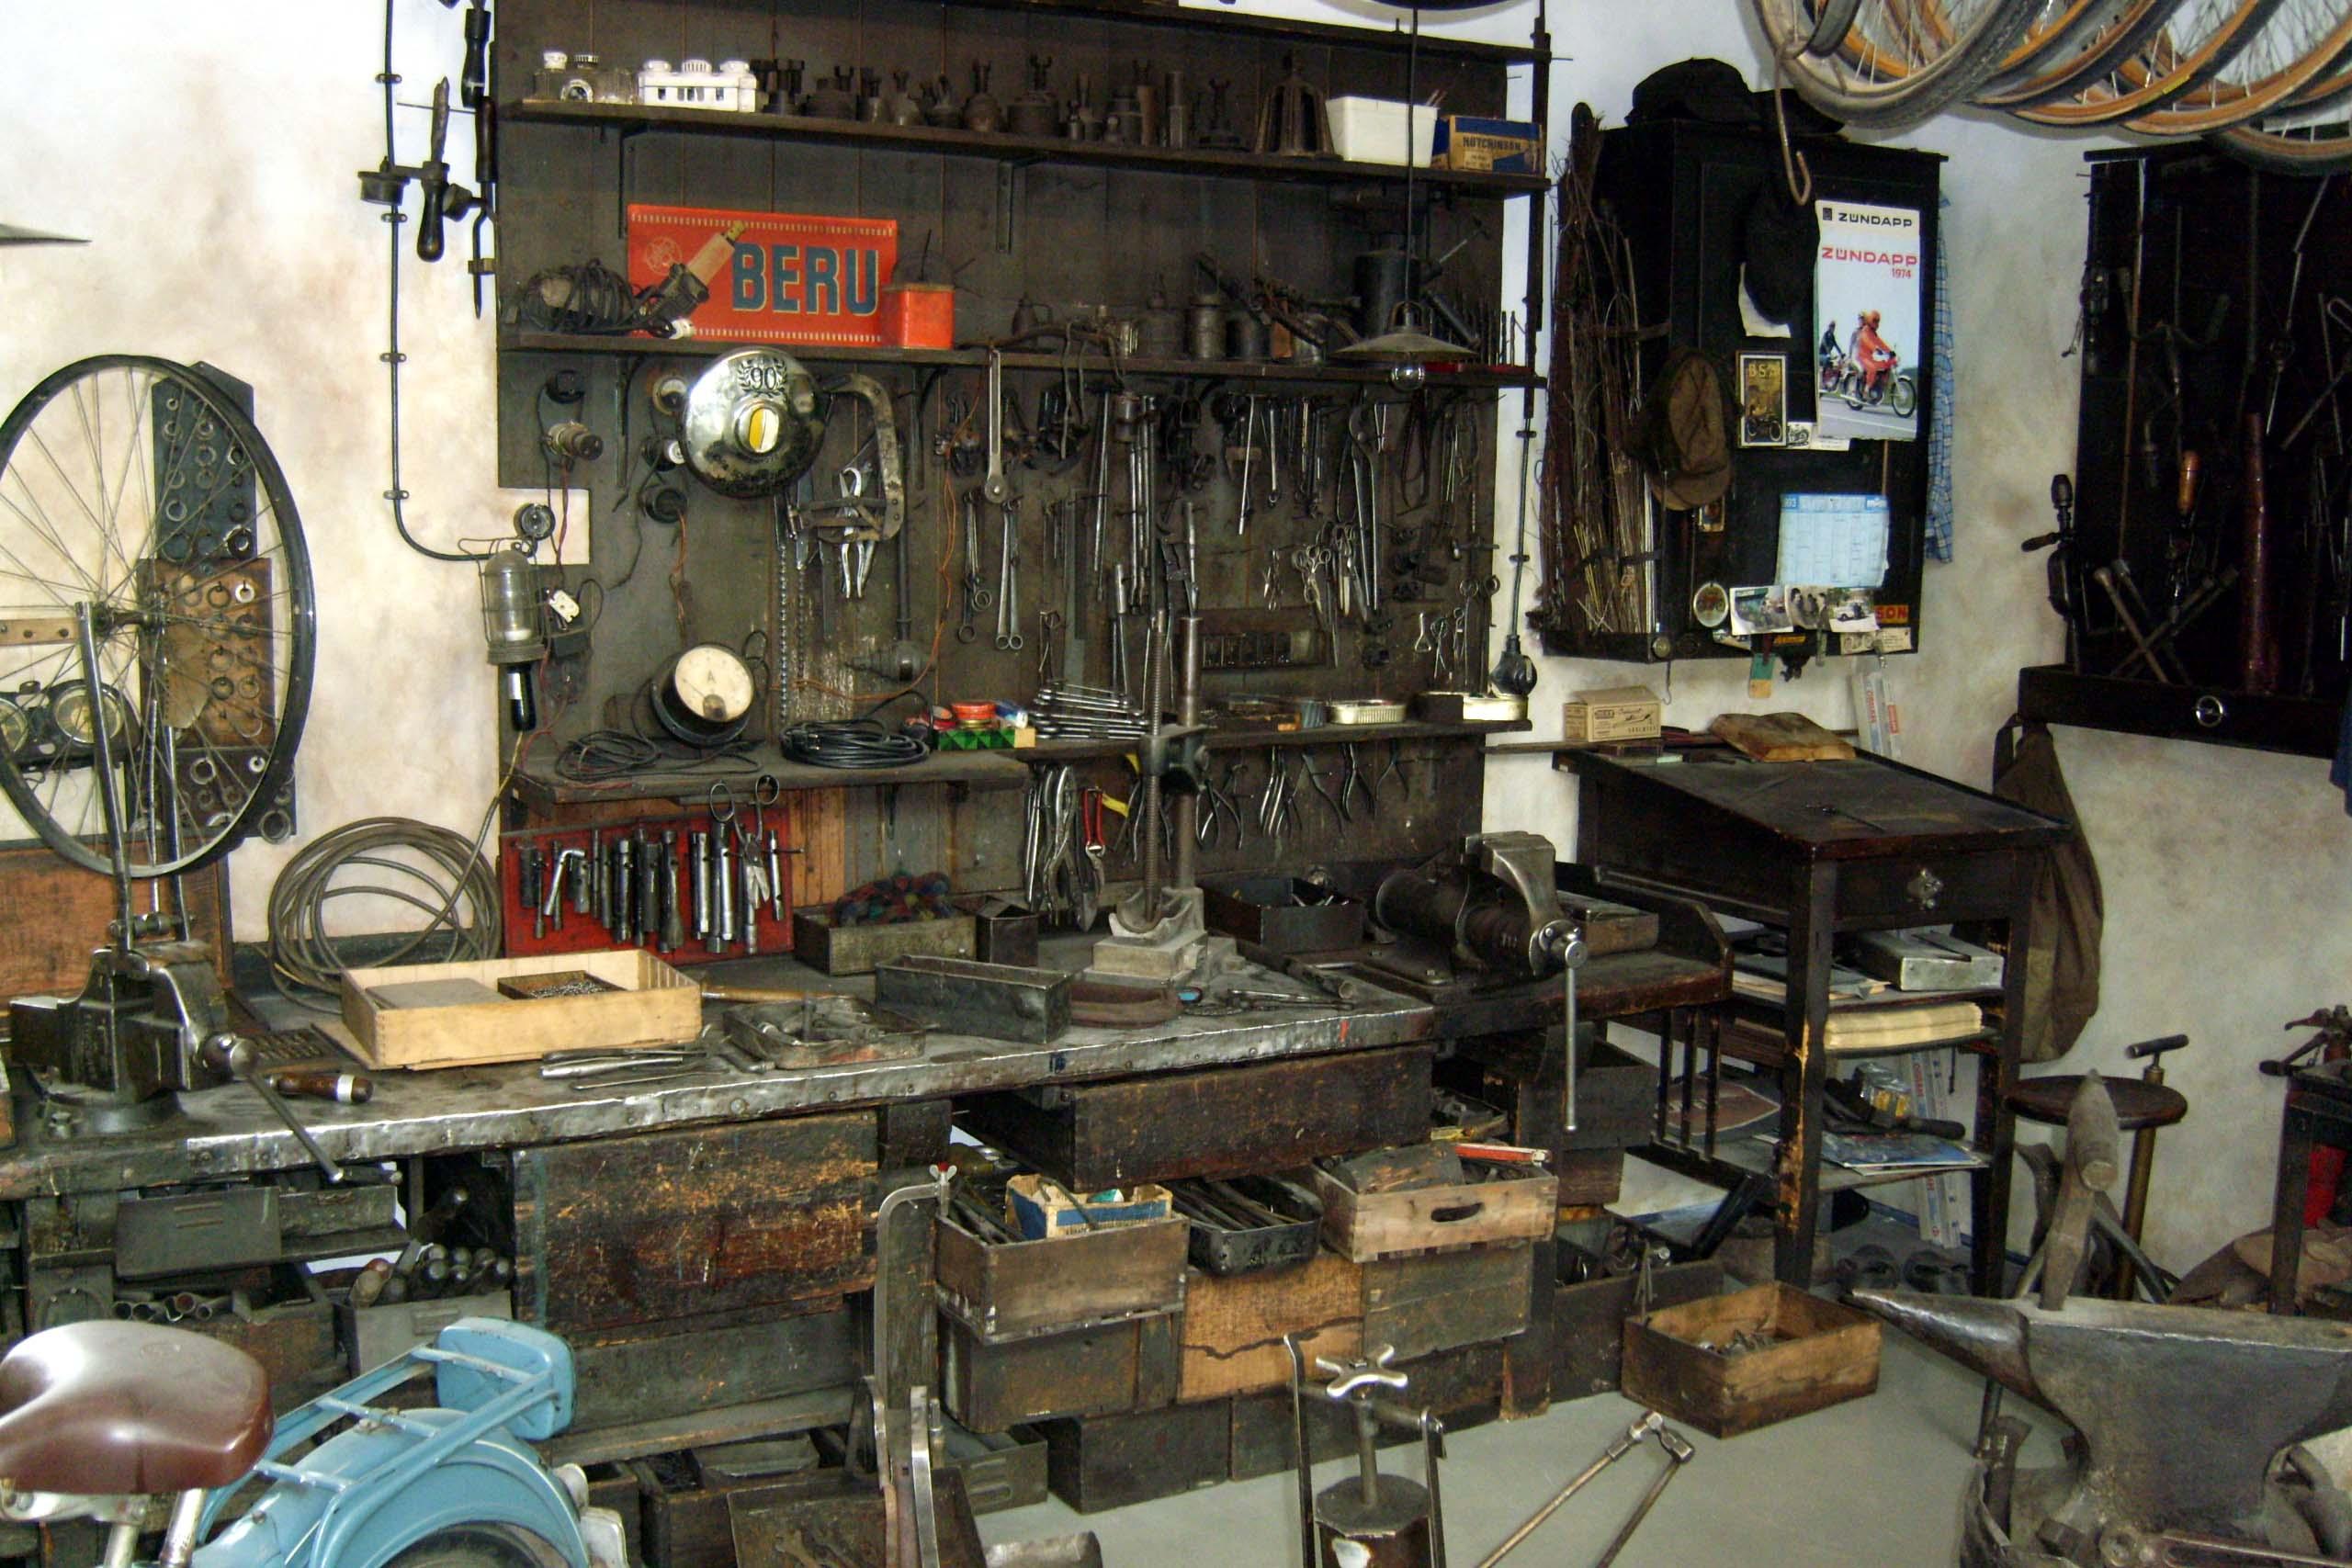 Blick in eine alte Zweiradwerkstatt mit Werkbank, Werkzeug und Ersatzteilen